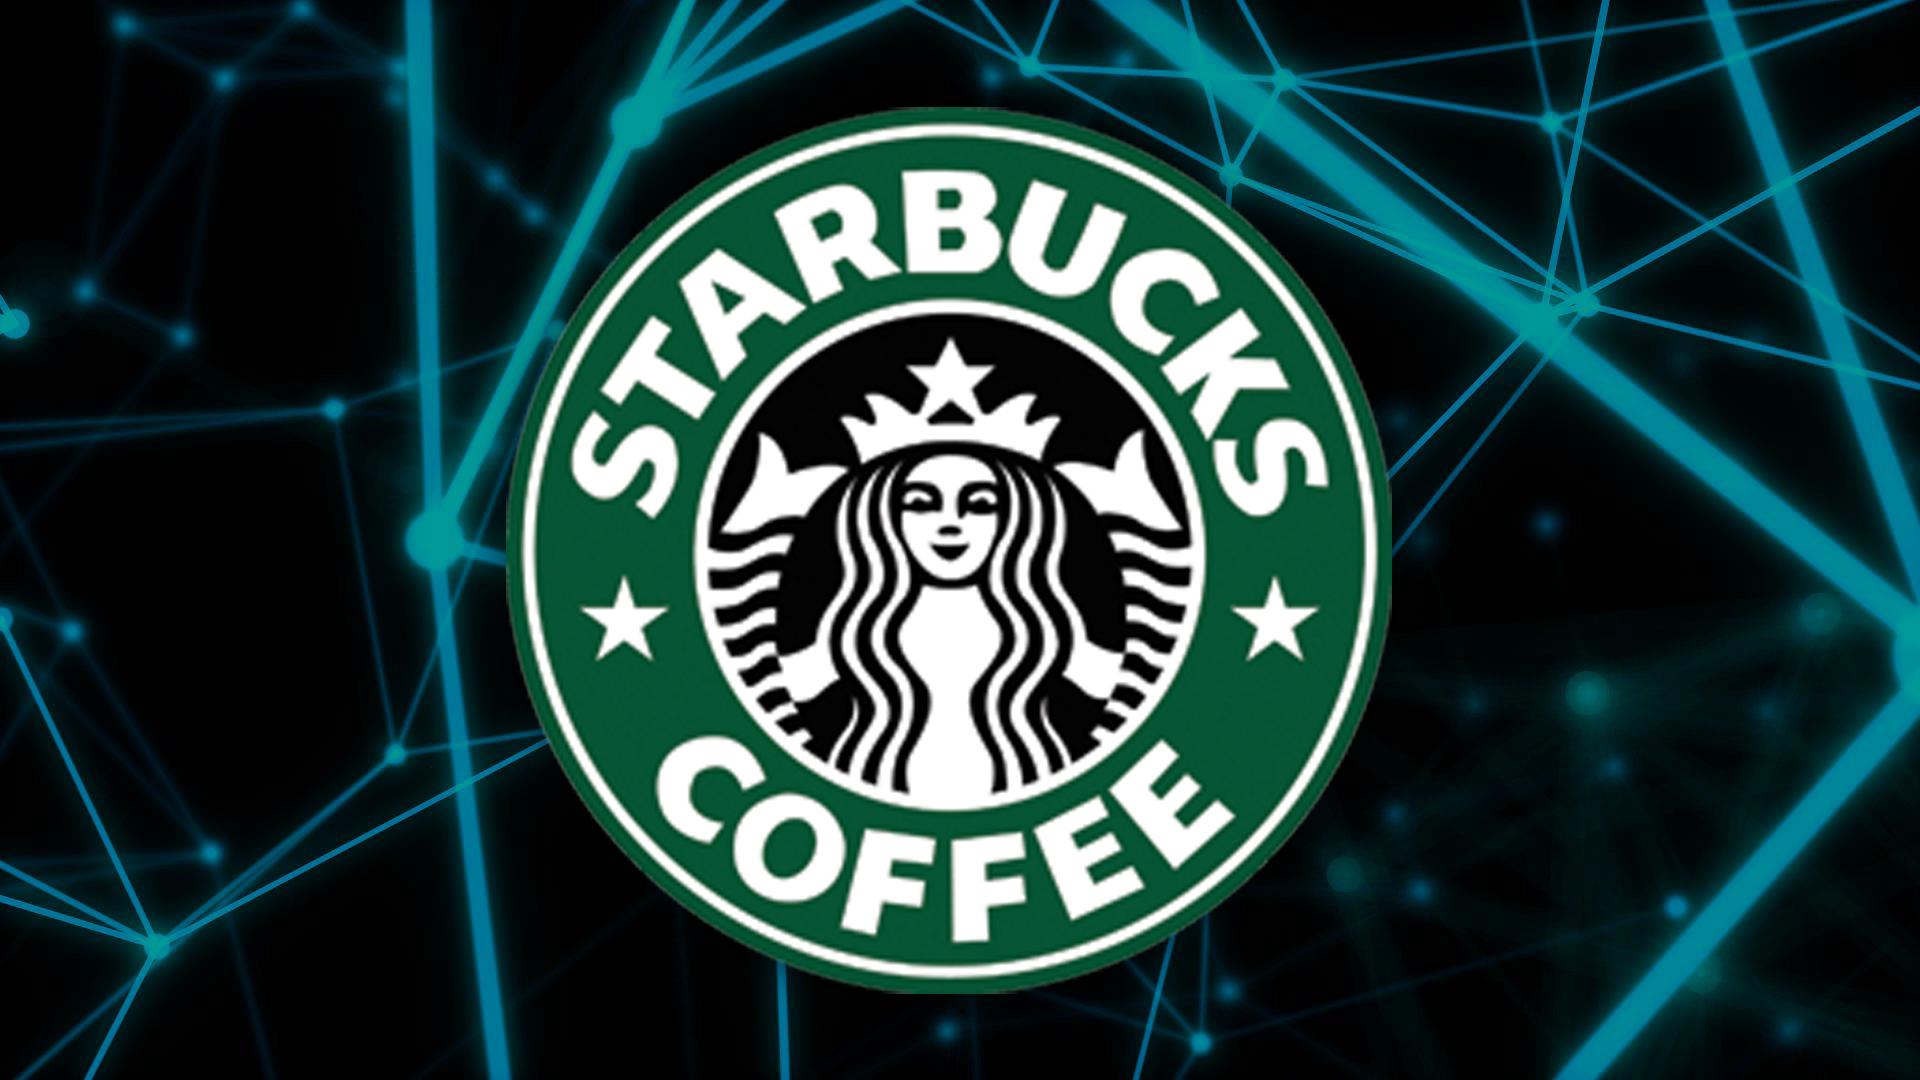 Starbucks-Hologruf-Client